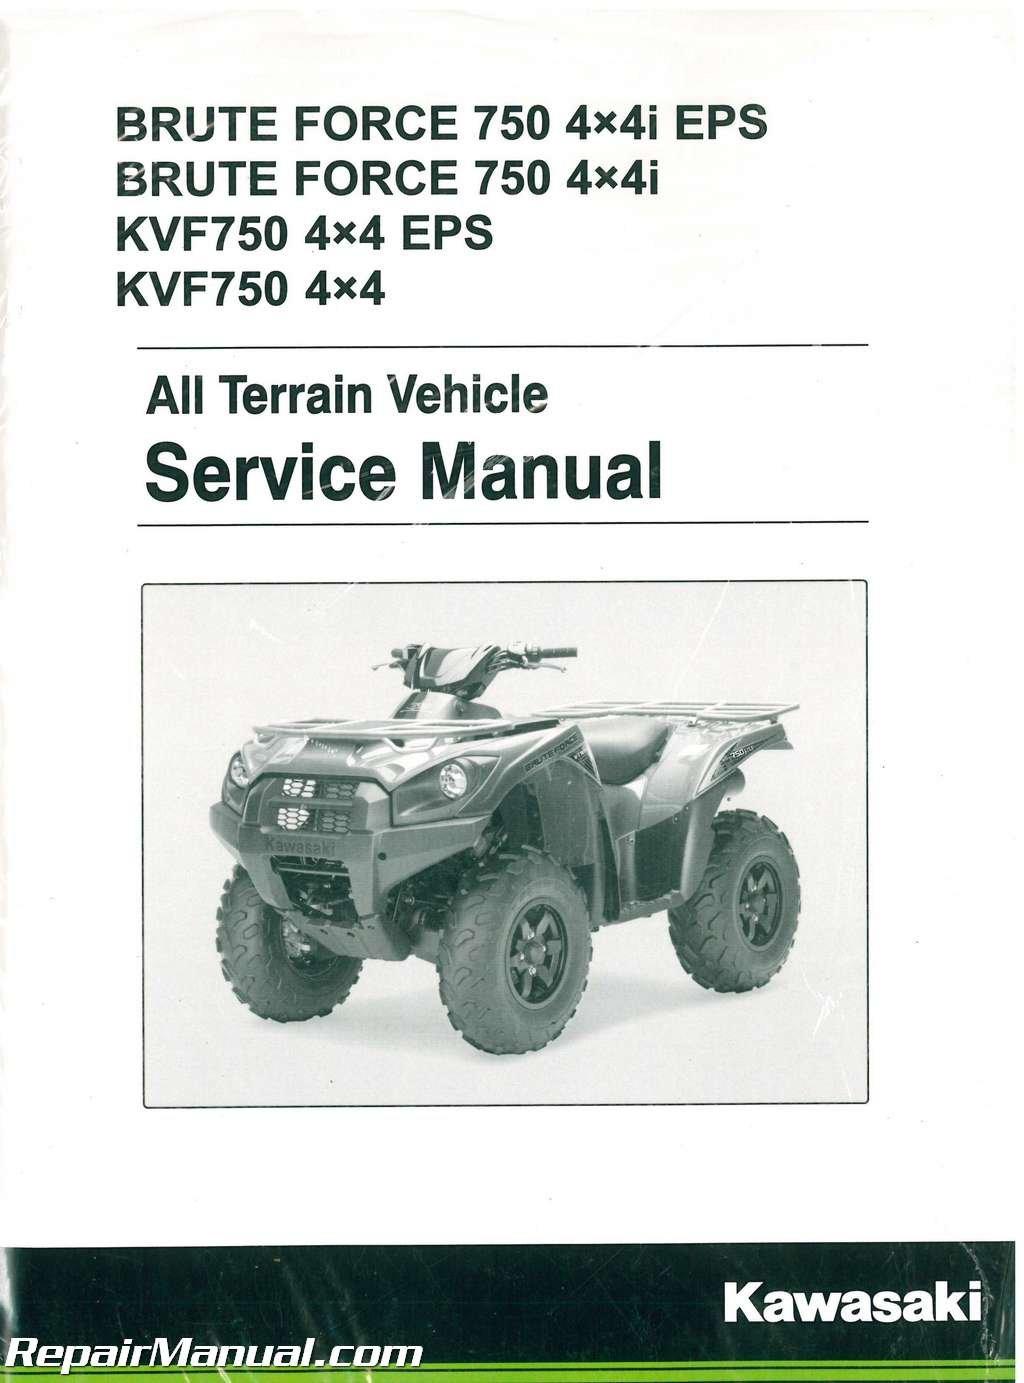 99924-1446-05 2012-2016 Kawasaki Brute Force KVF750 4x4 4x4EPS 4x4i 4x4i  EPS ATV Service Manual: Manufacturer: Amazon.com: Books